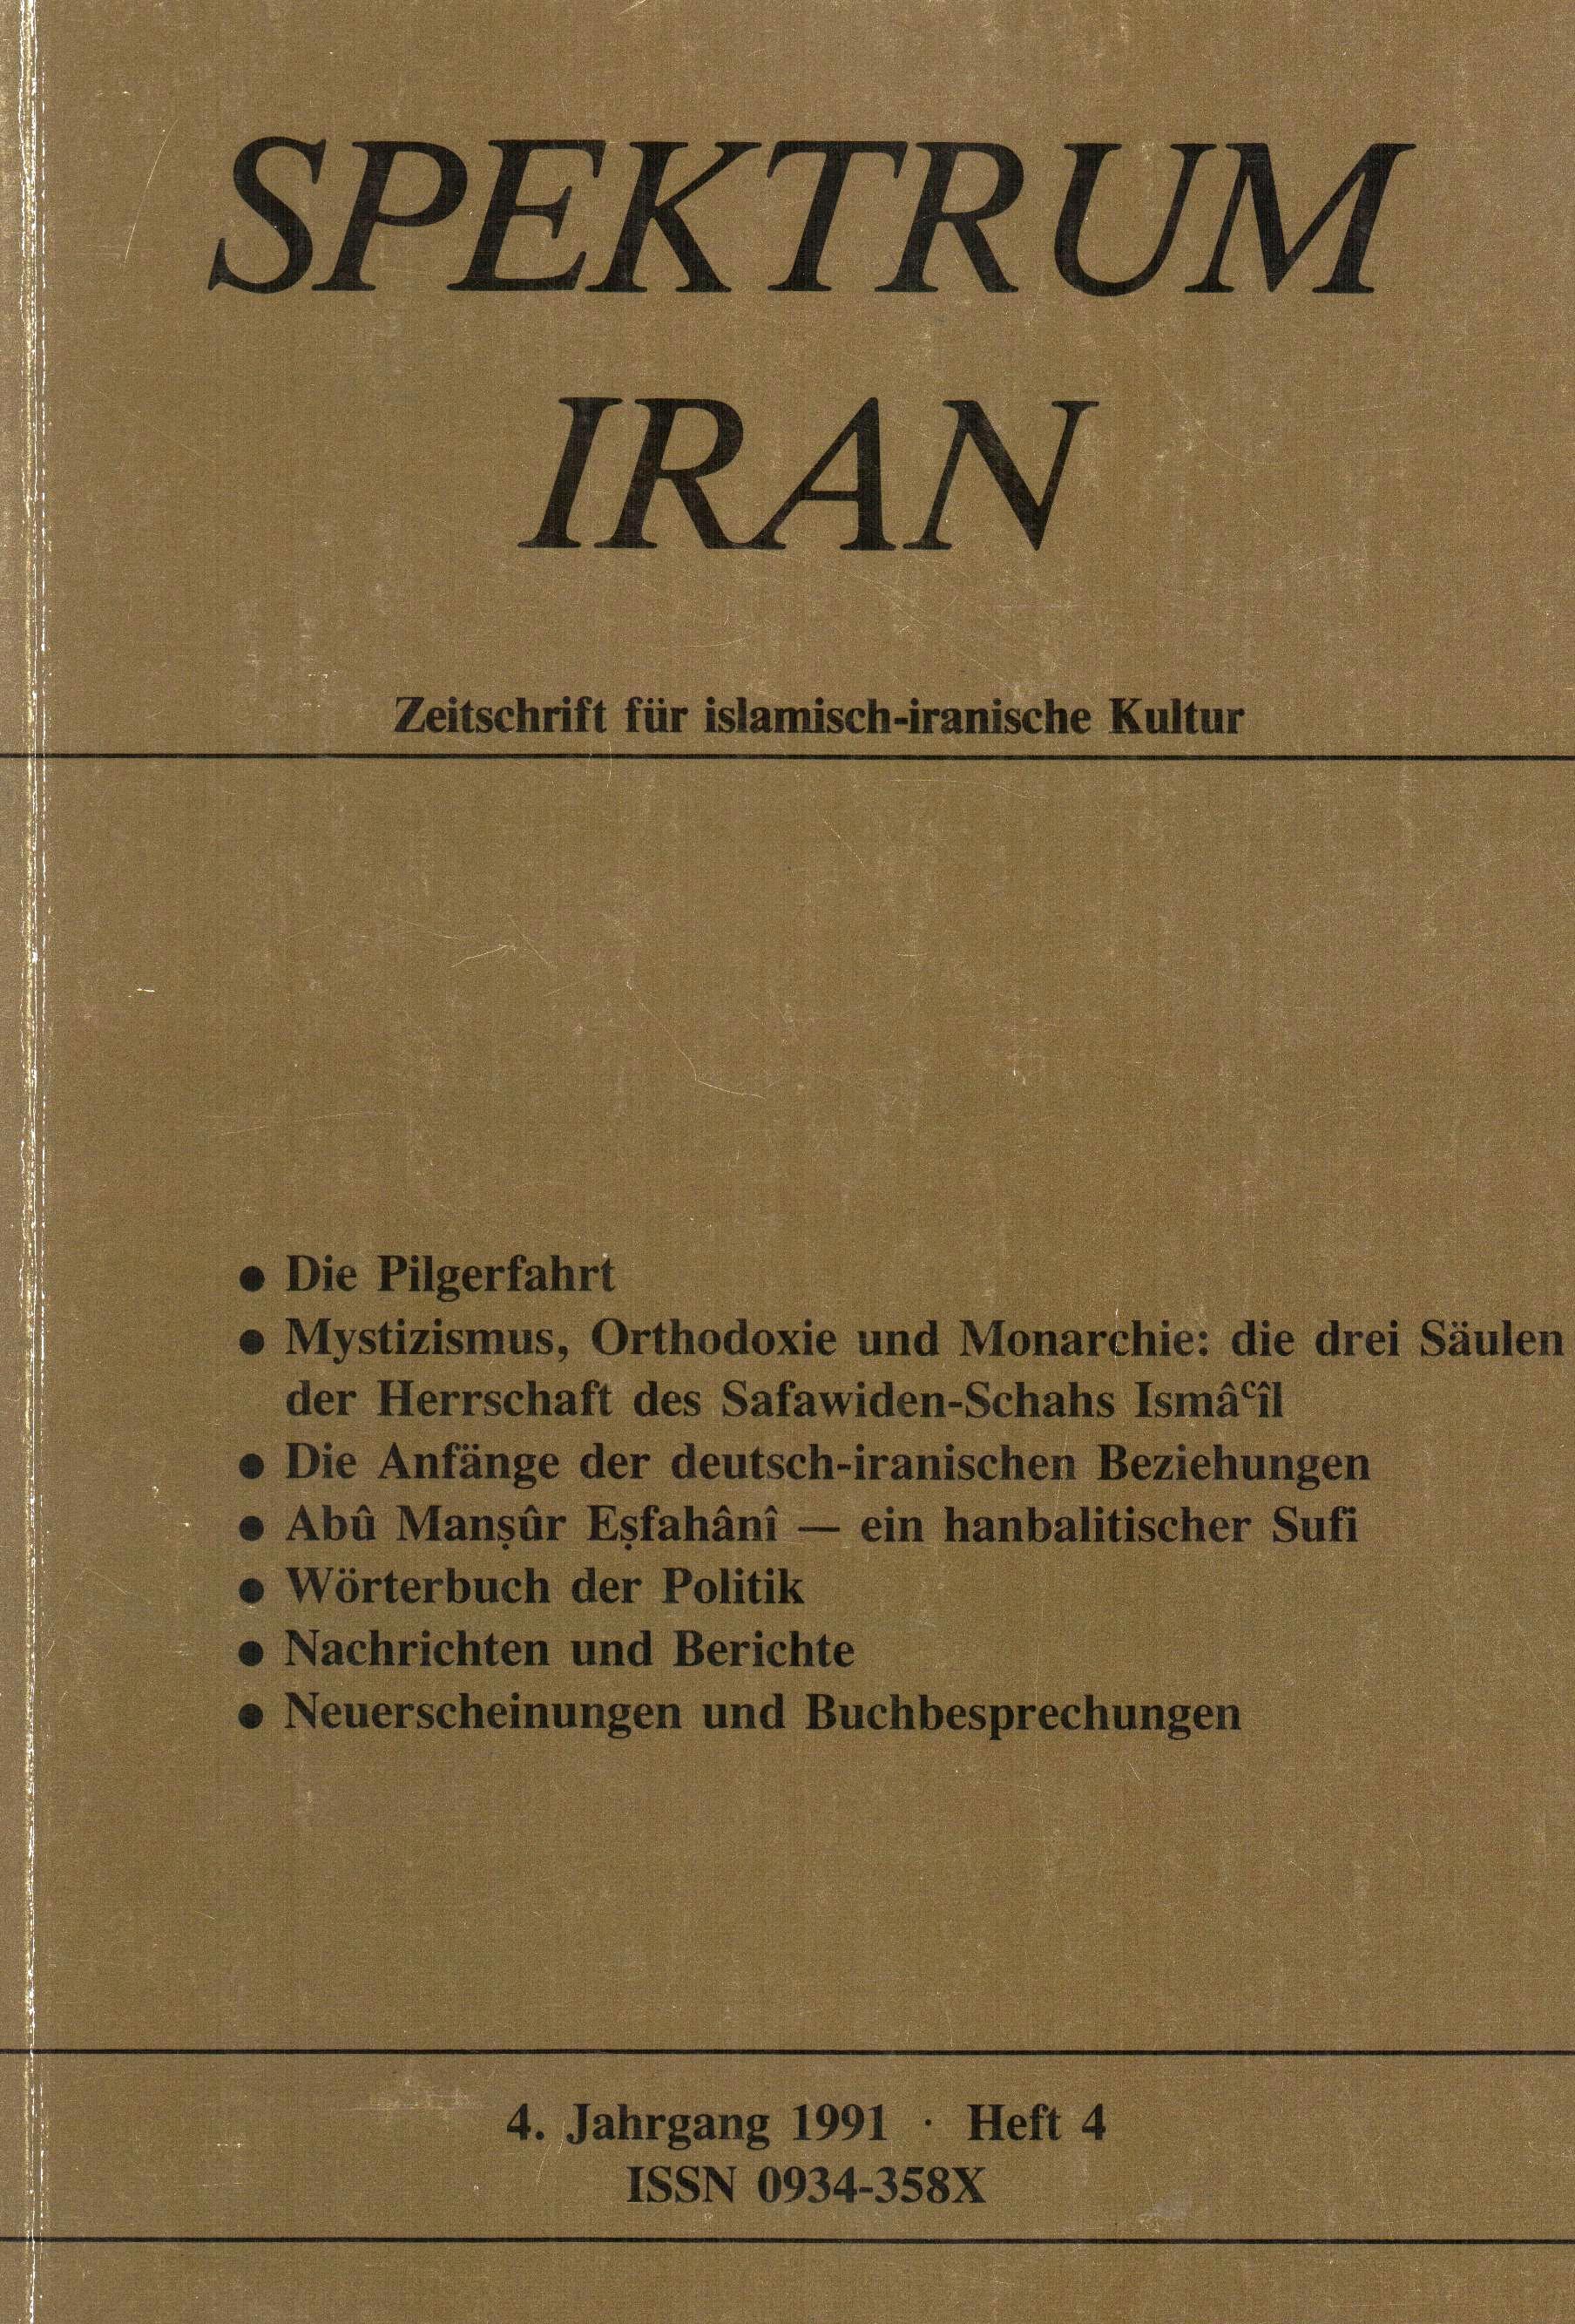 Spektrum Iran 4 - 1991